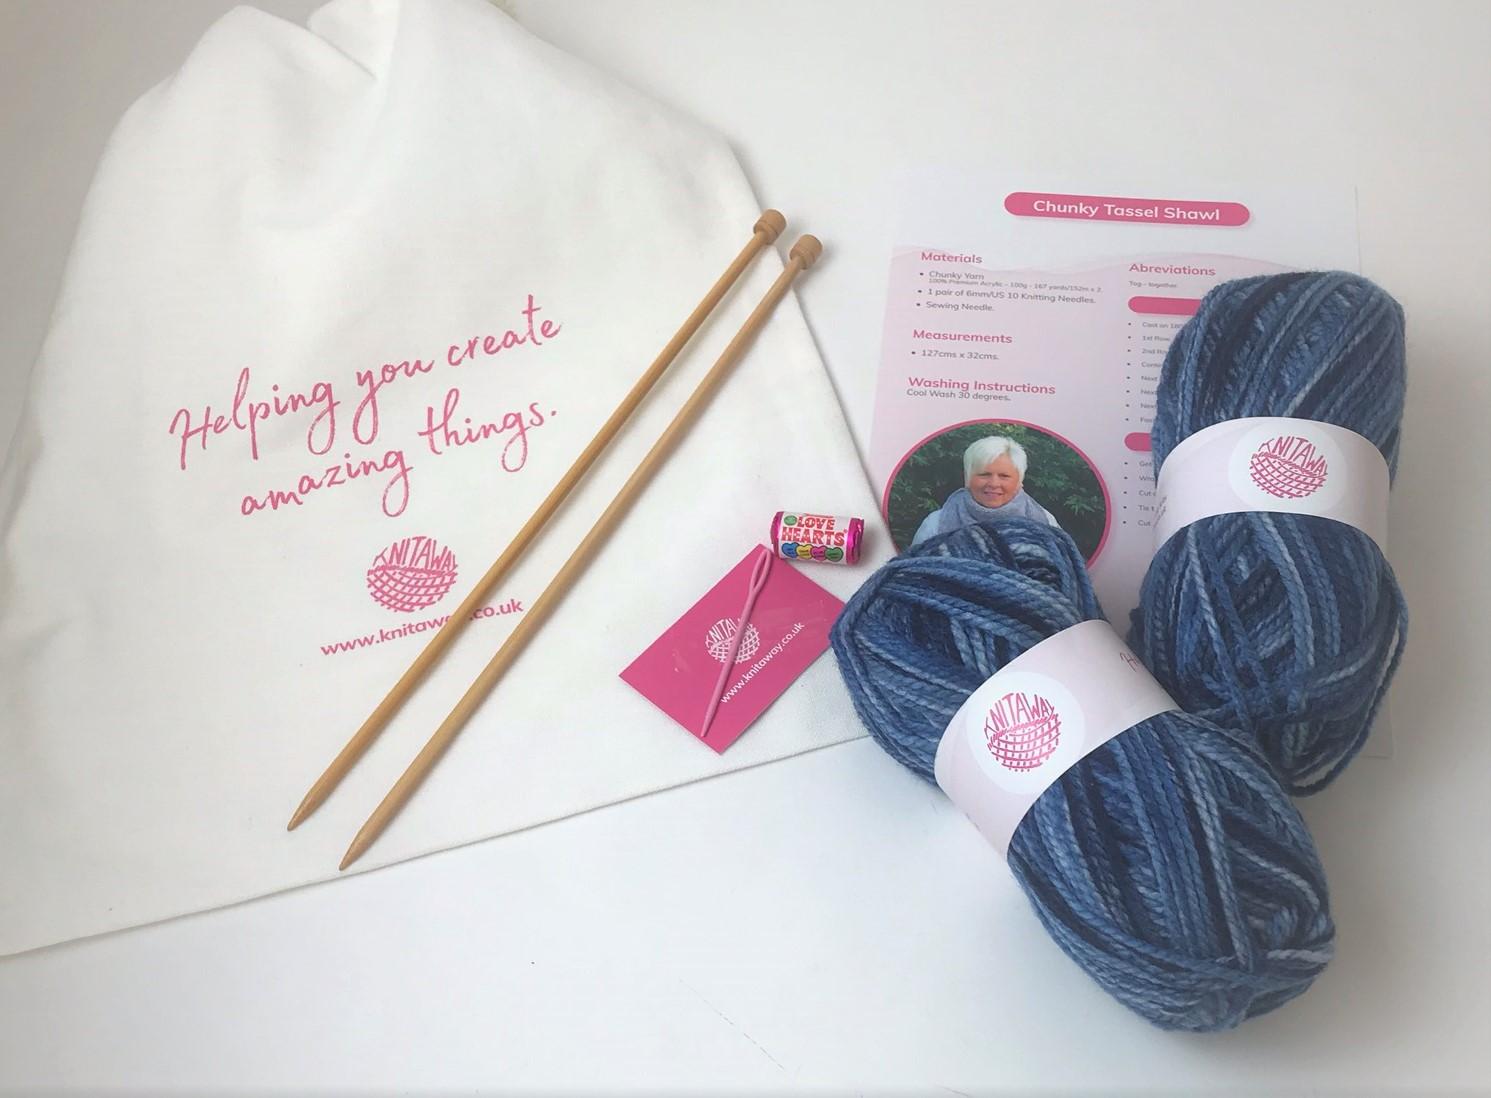 Chunky Tassel Shawl Knitting Kit